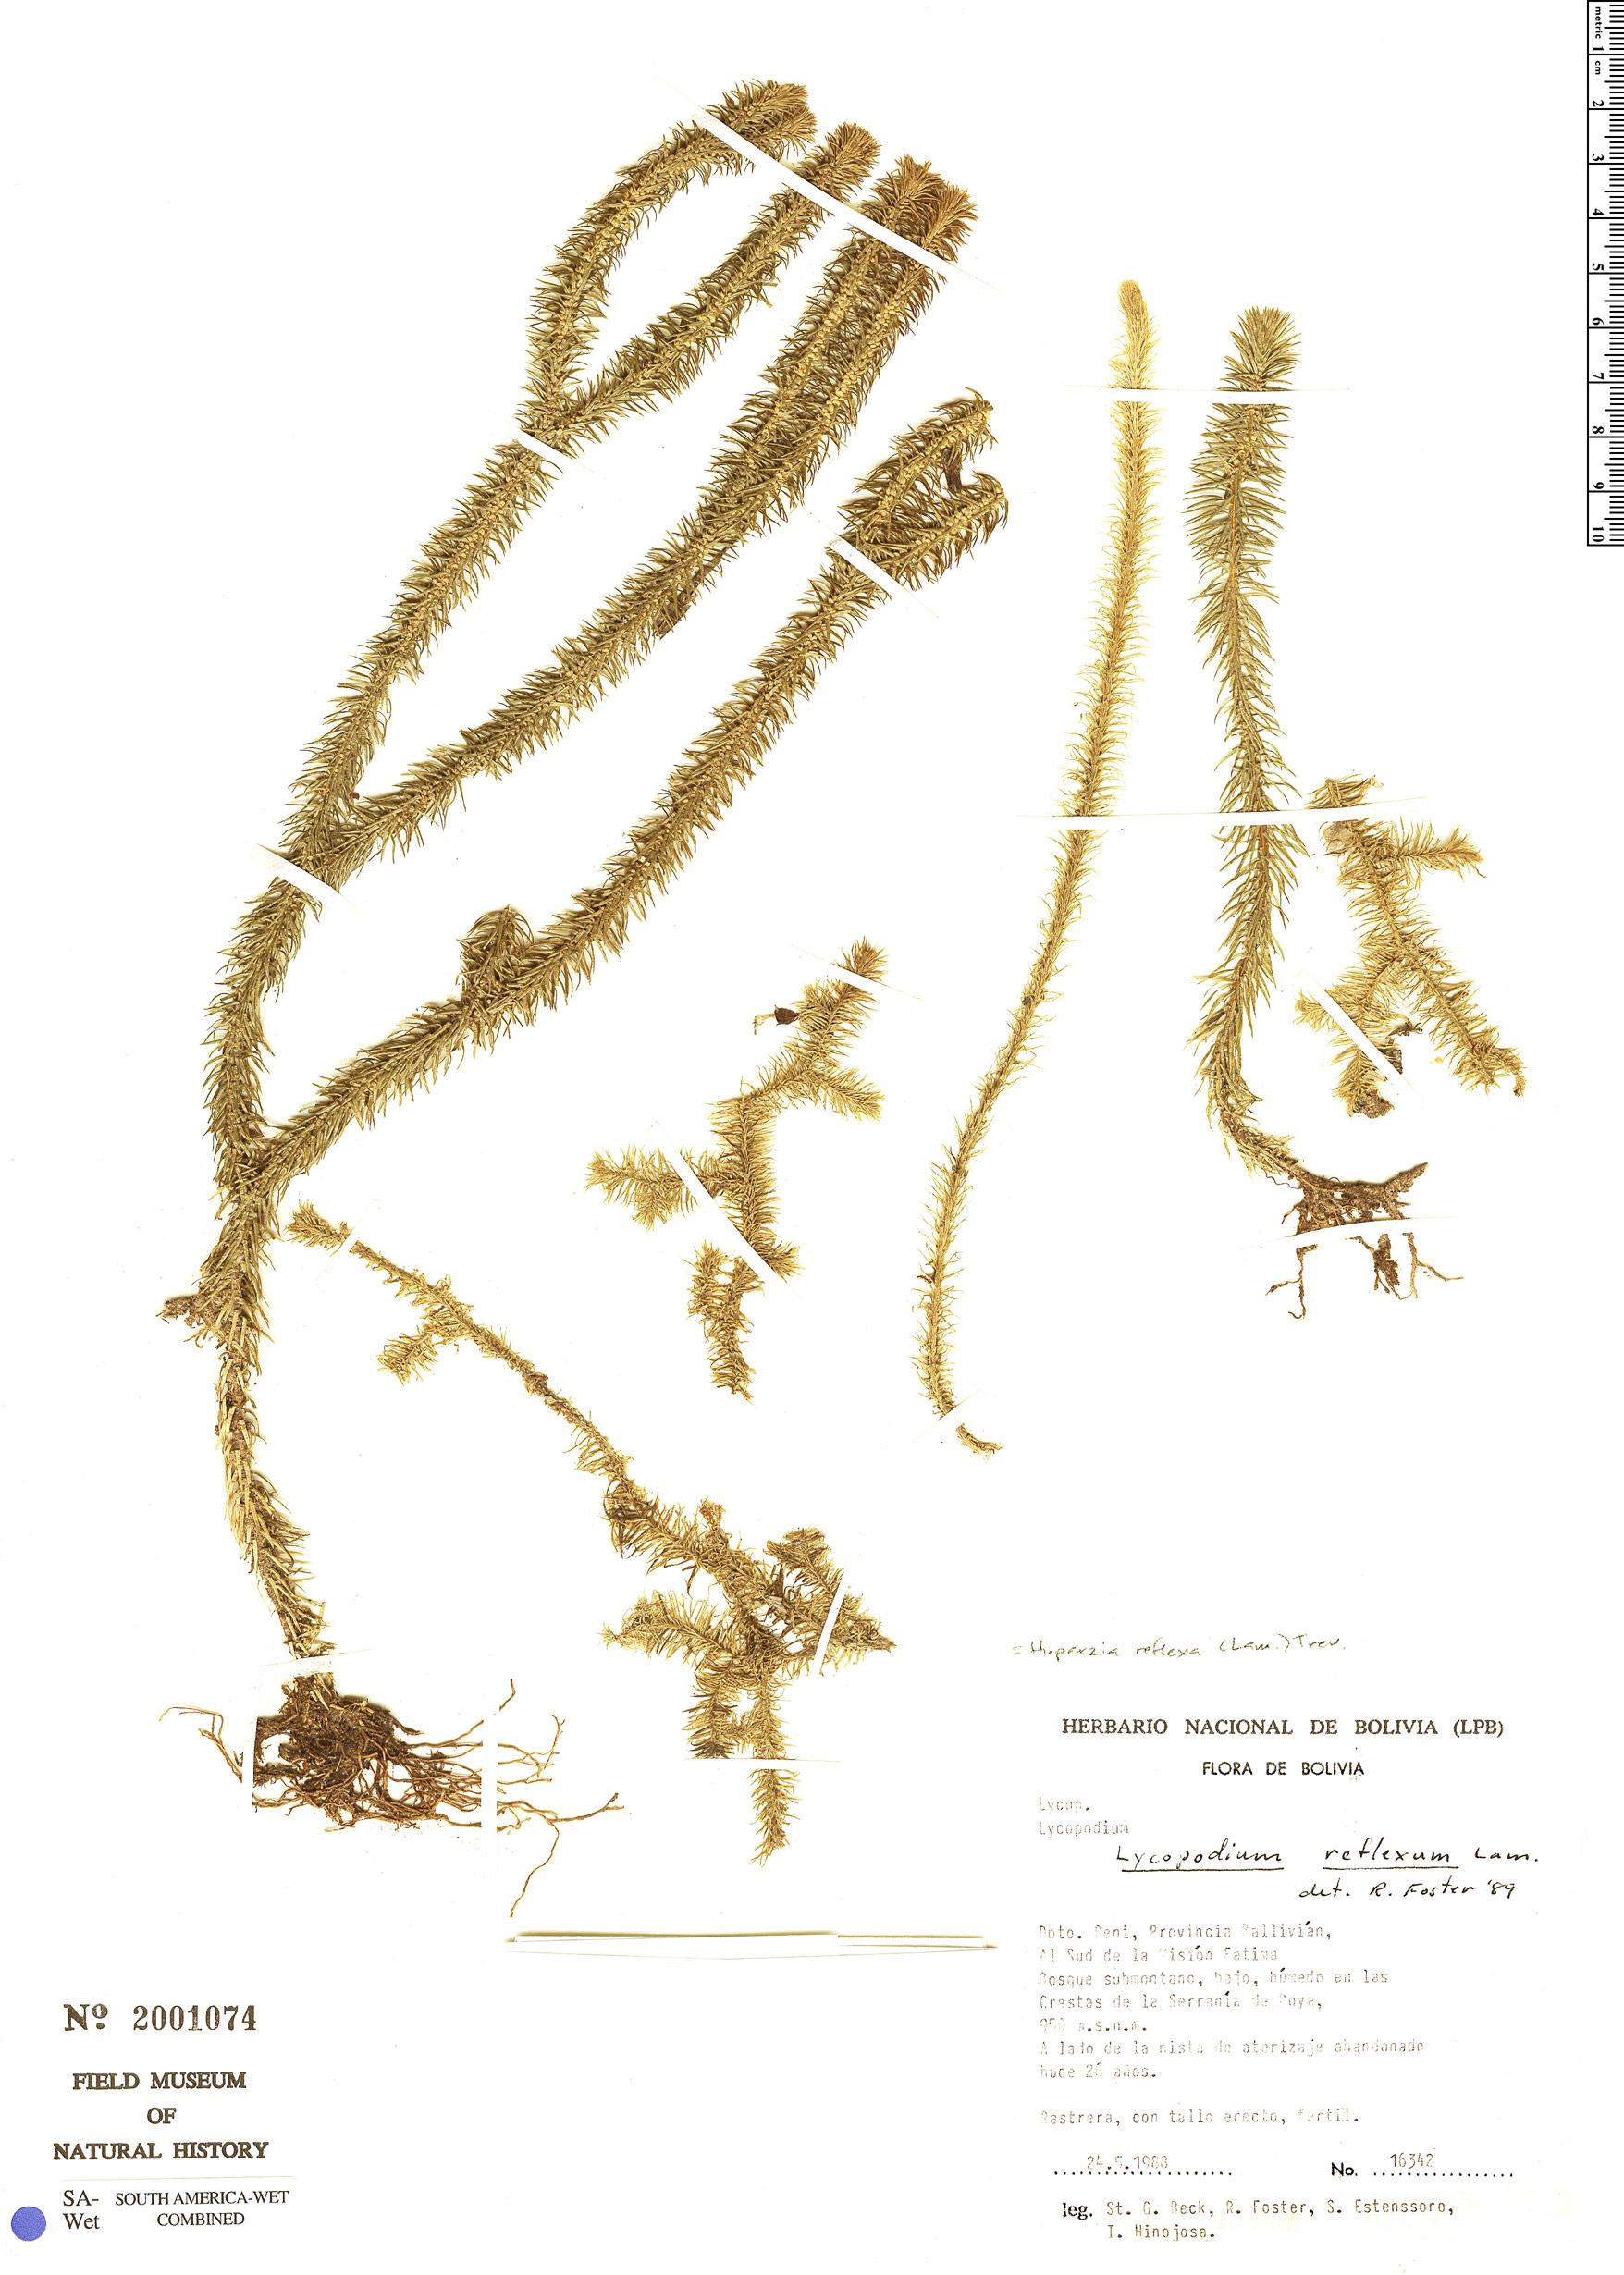 Specimen: Phlegmariurus reflexus